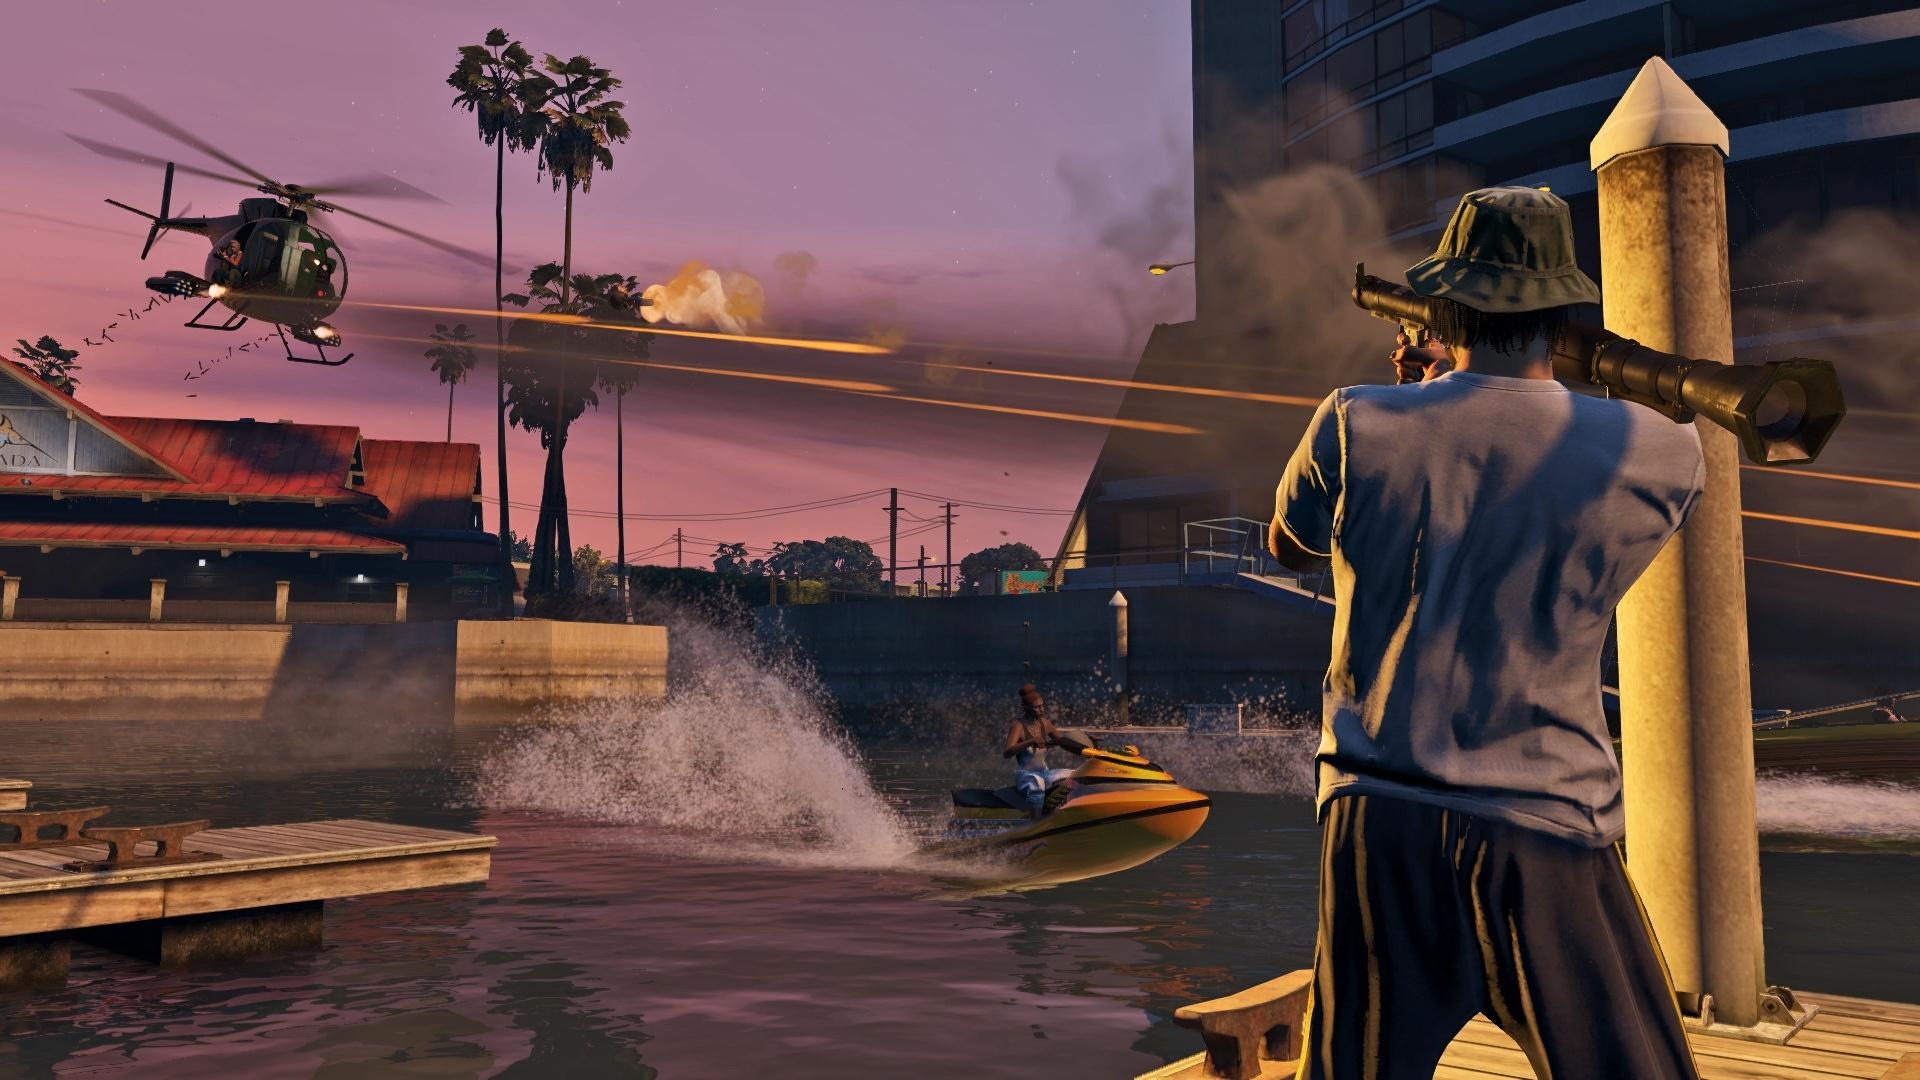 Главный идеолог Grand theft Auto уйдет из компании Rockstar